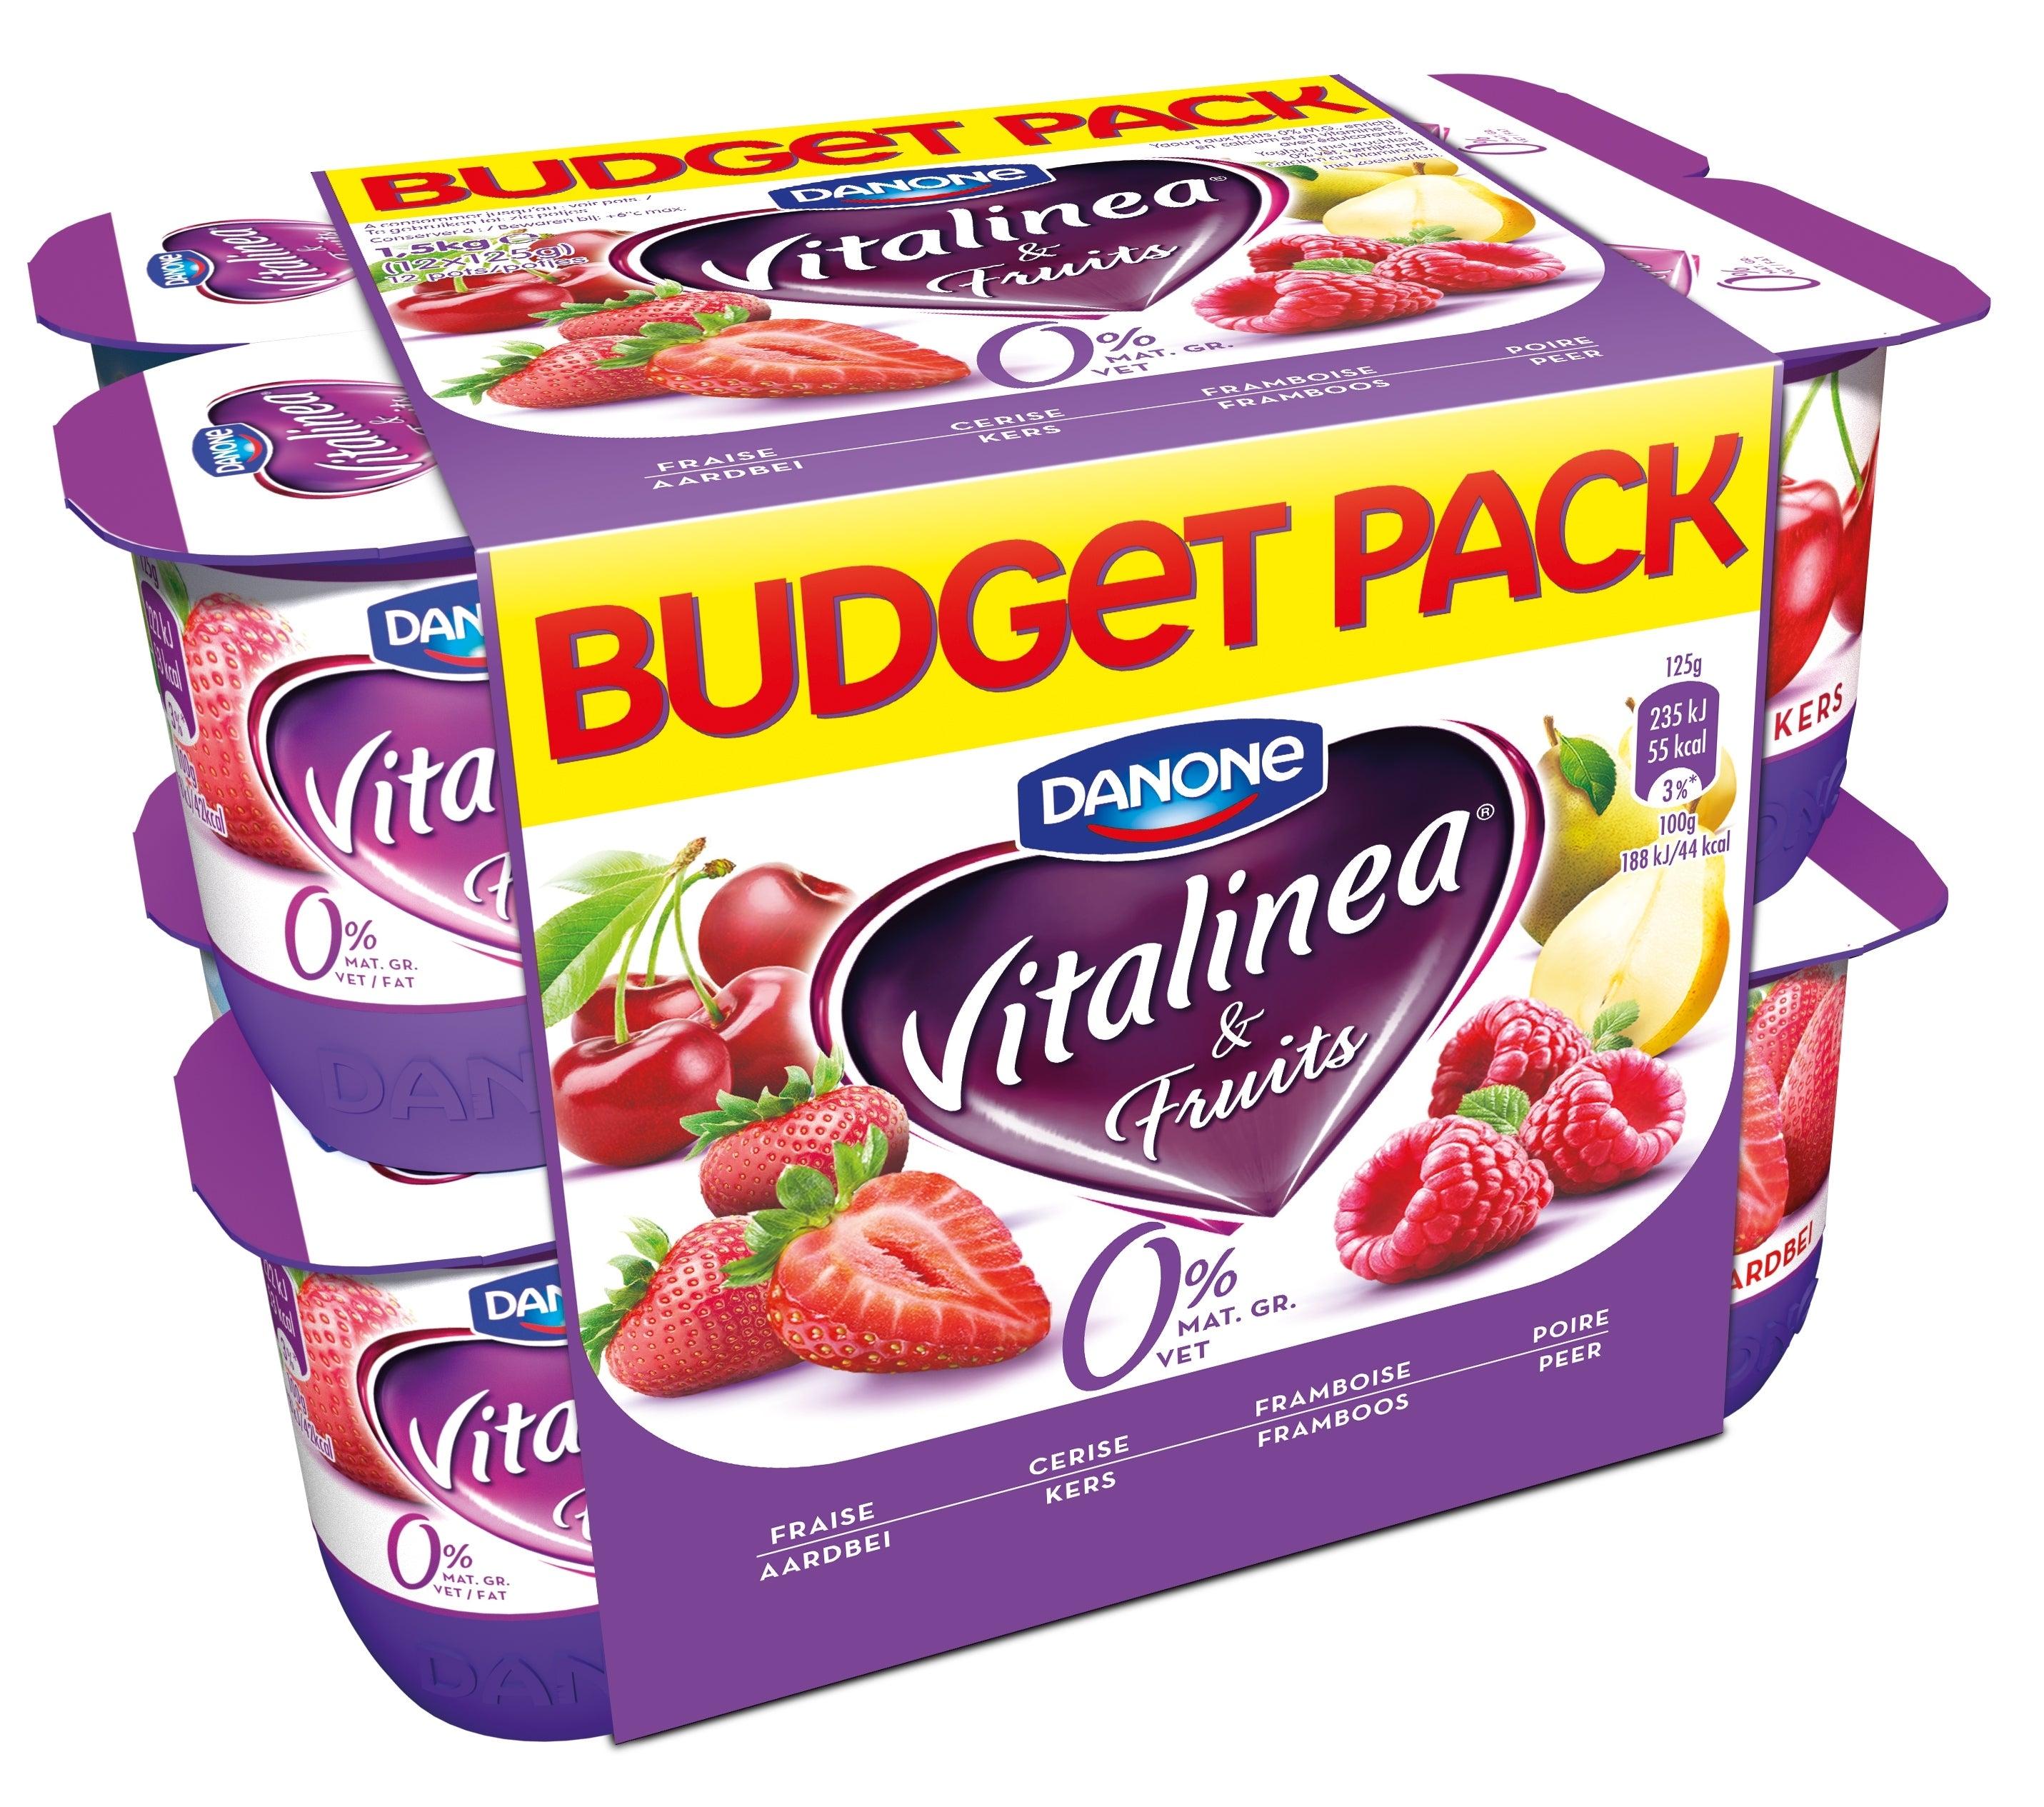 Vitalinea Yoghurt met vruchten 0% 12x125g